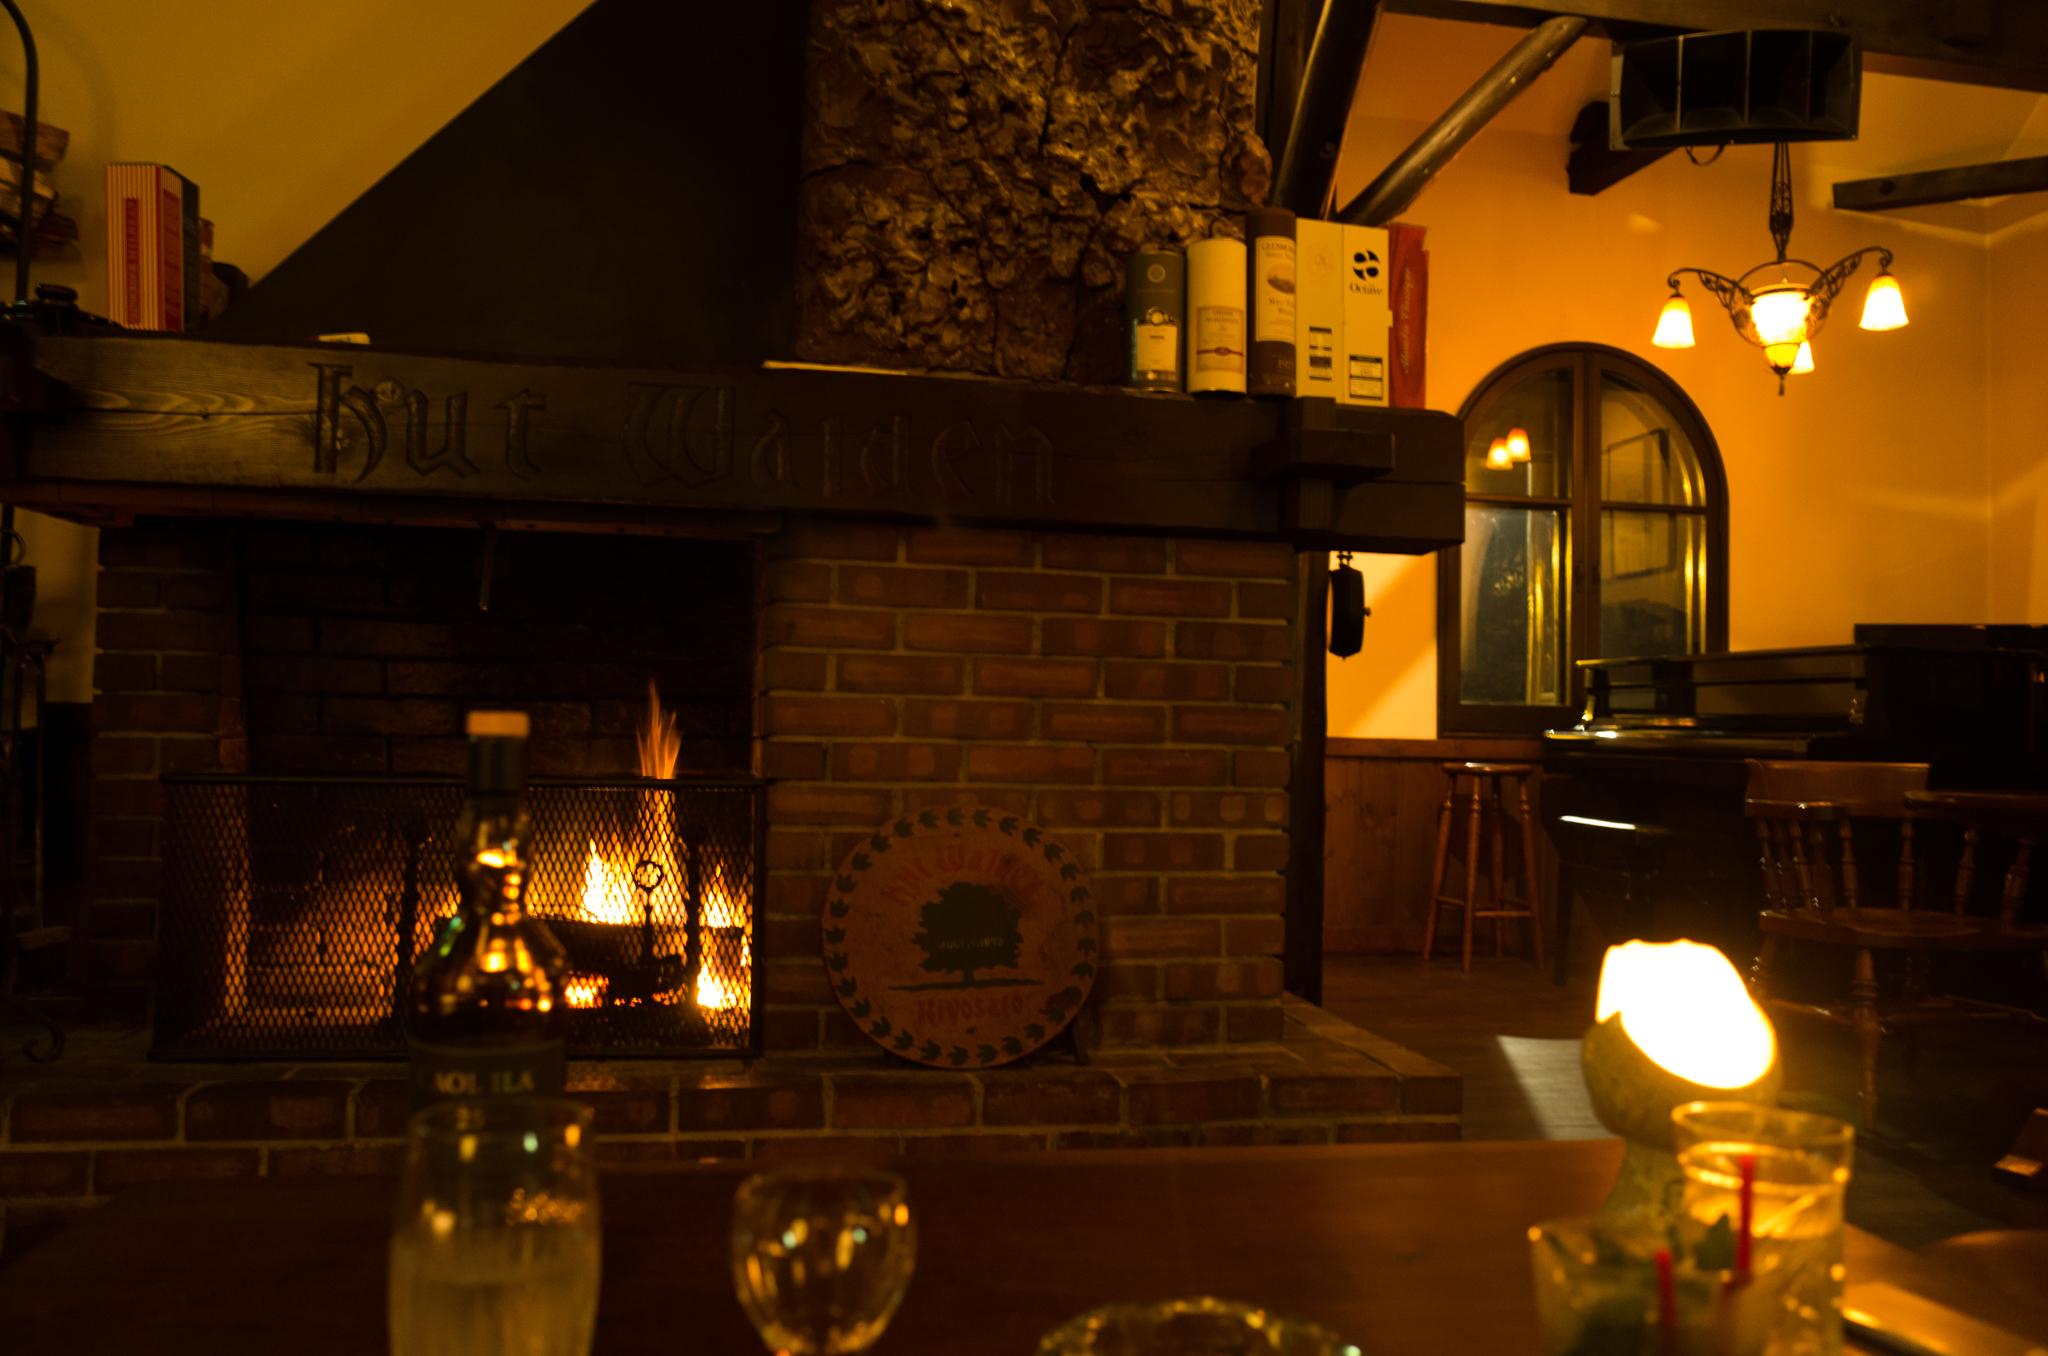 暖炉とモルト。清里の9月中旬はちょっと冷えました。